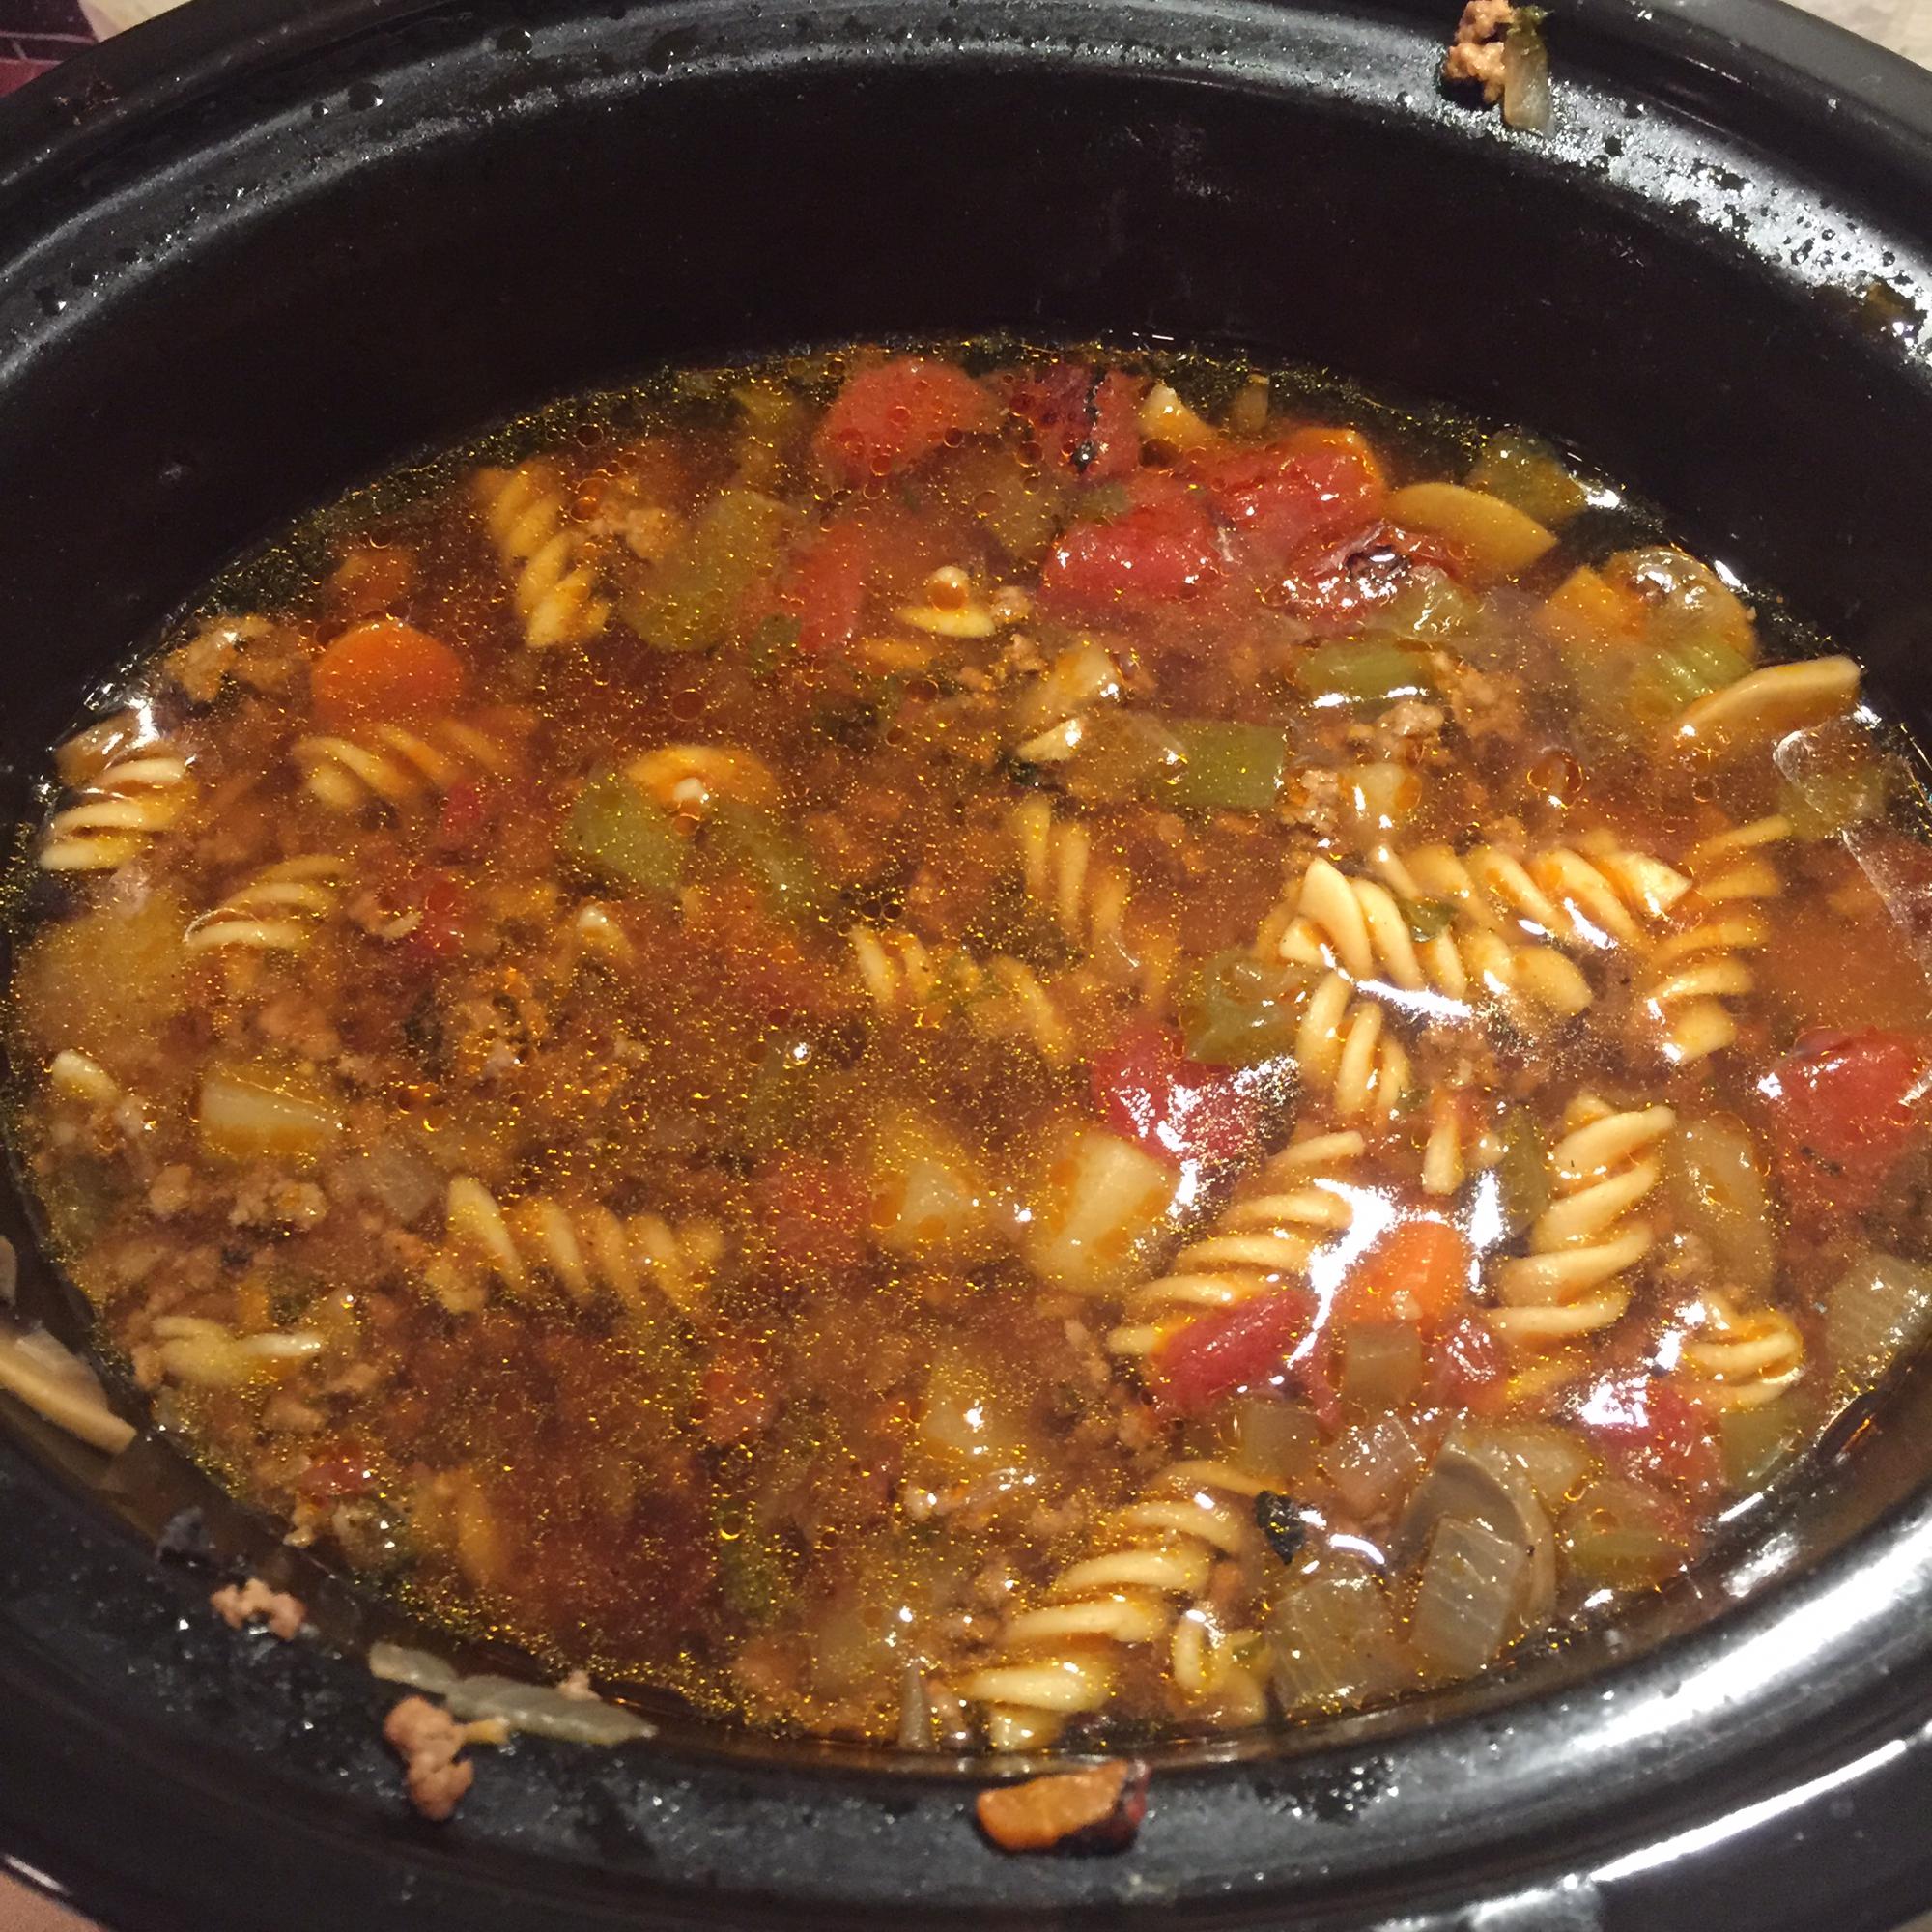 Slow Cooker Vegetable Beef Soup bianca77